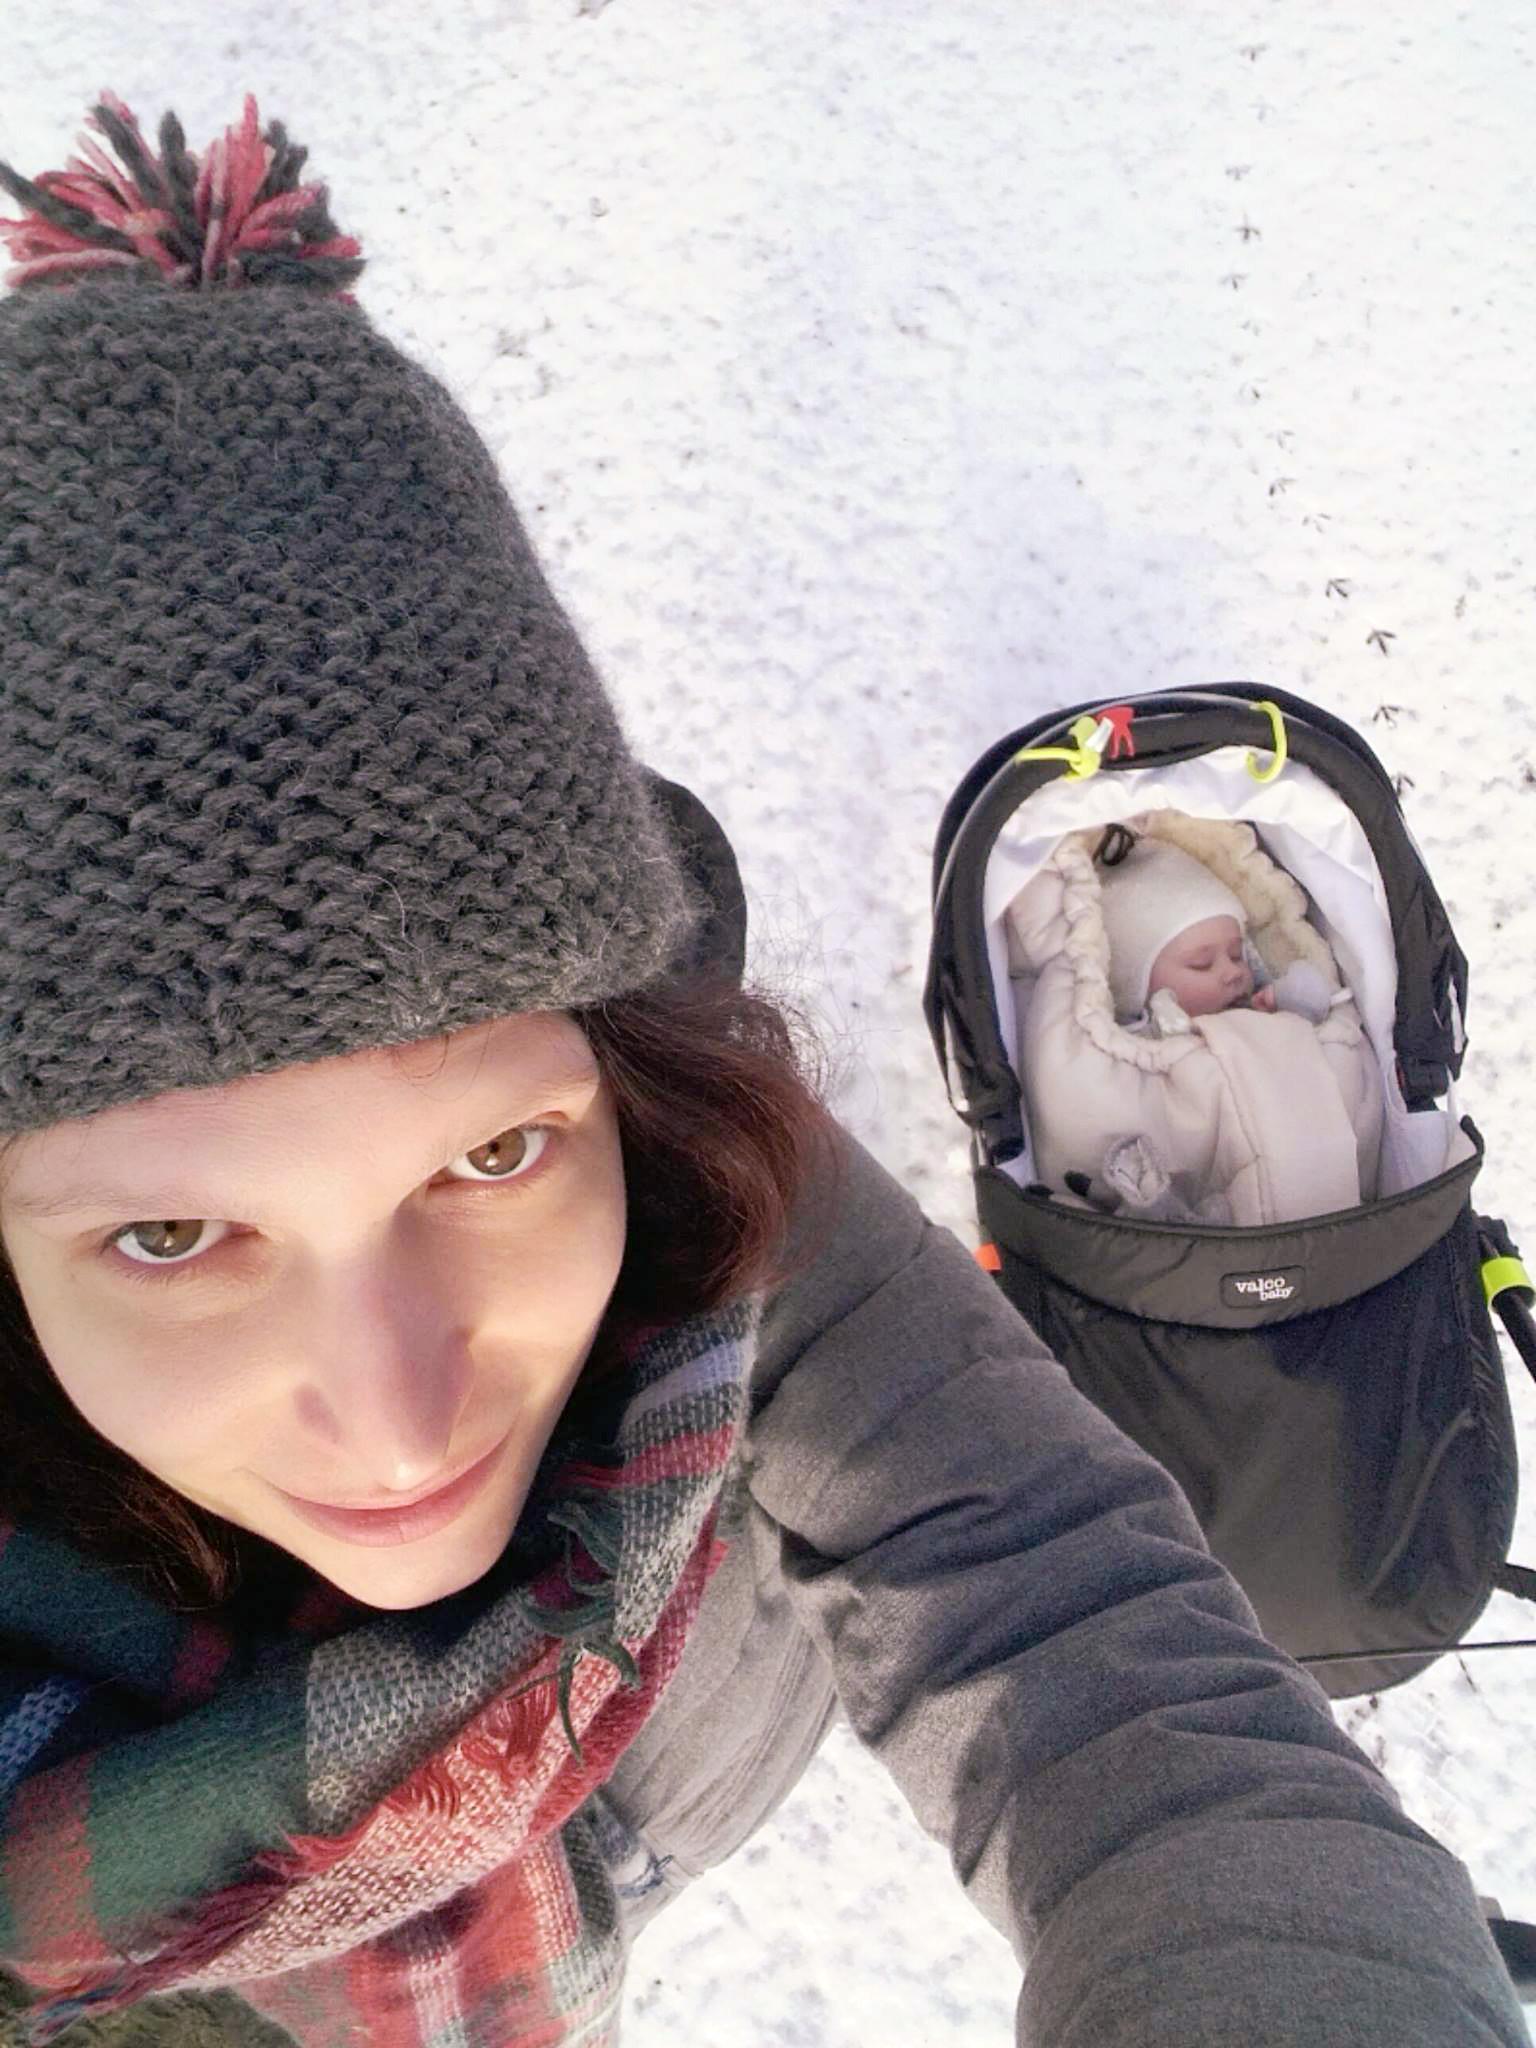 selfie-capica-editjpg